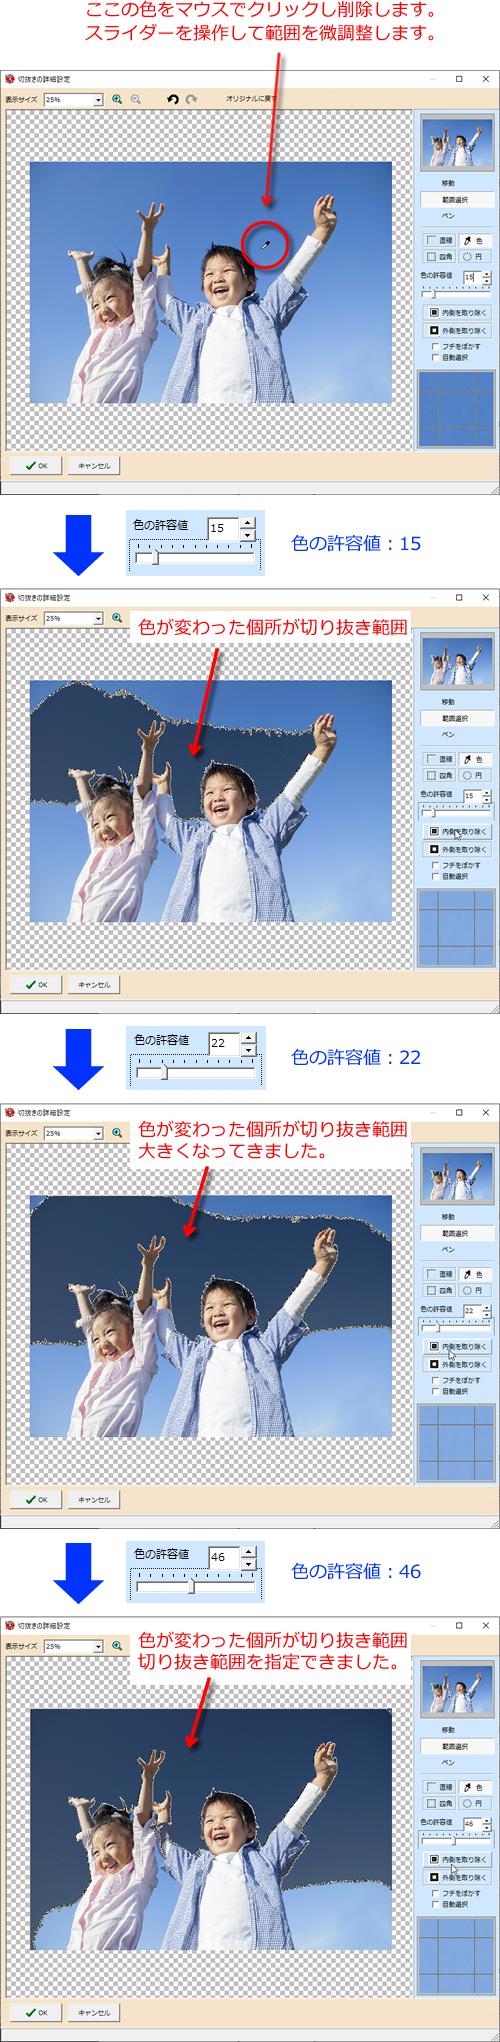 画像の切り抜き機能が大幅に強化